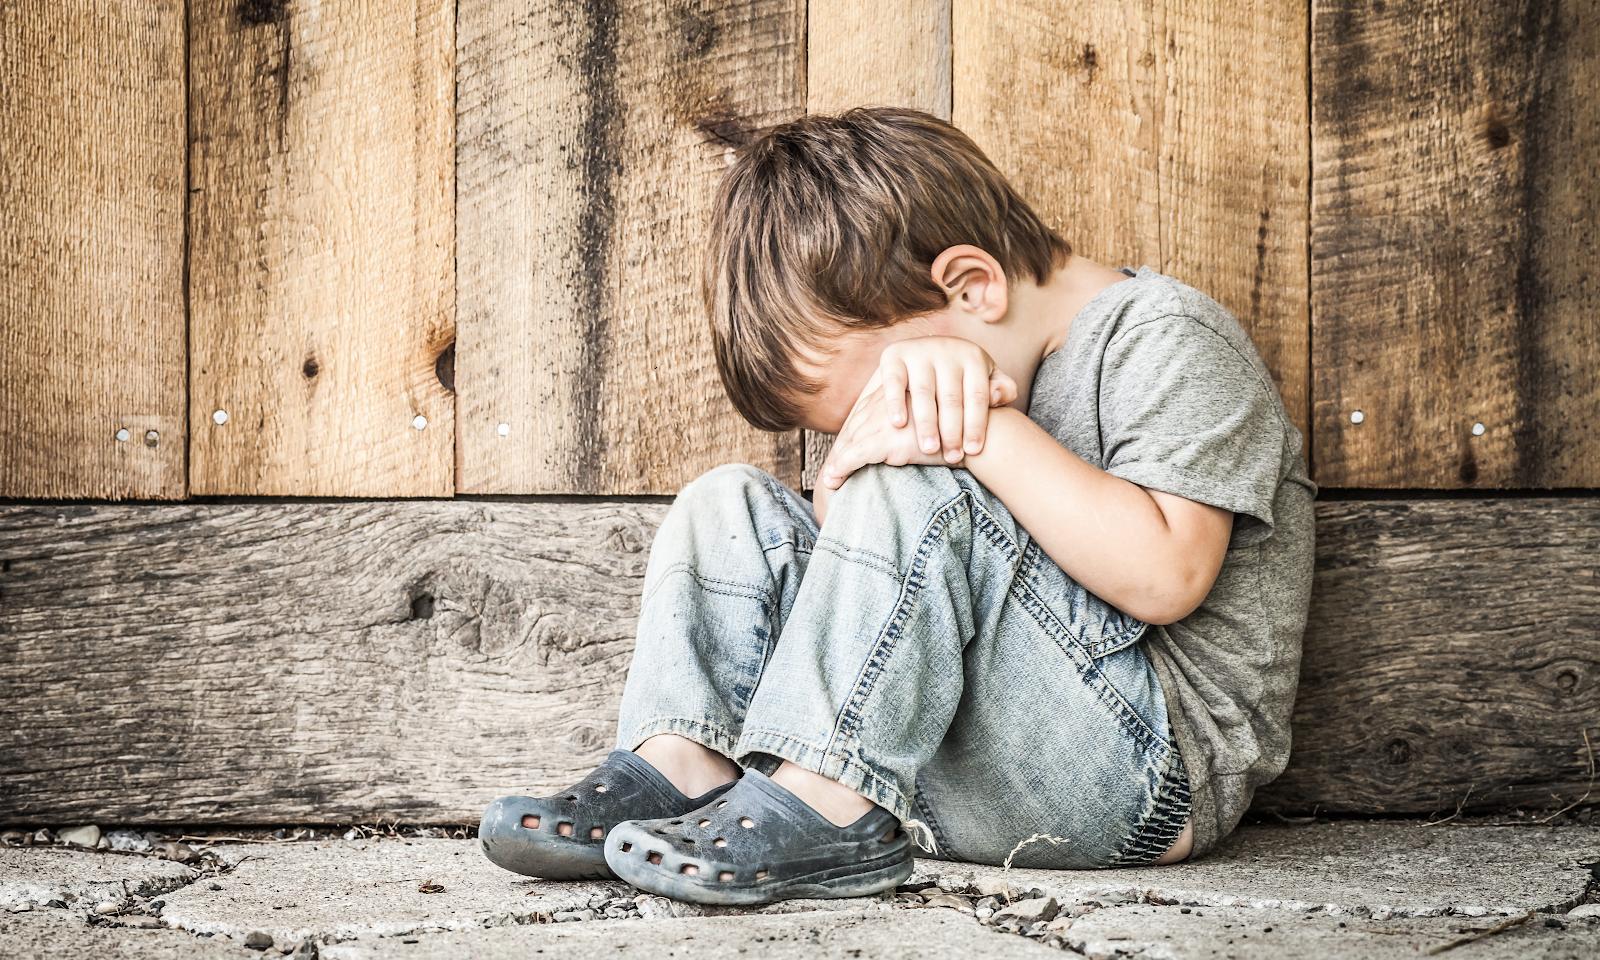 Суицидальные мысли подростка: что делать?